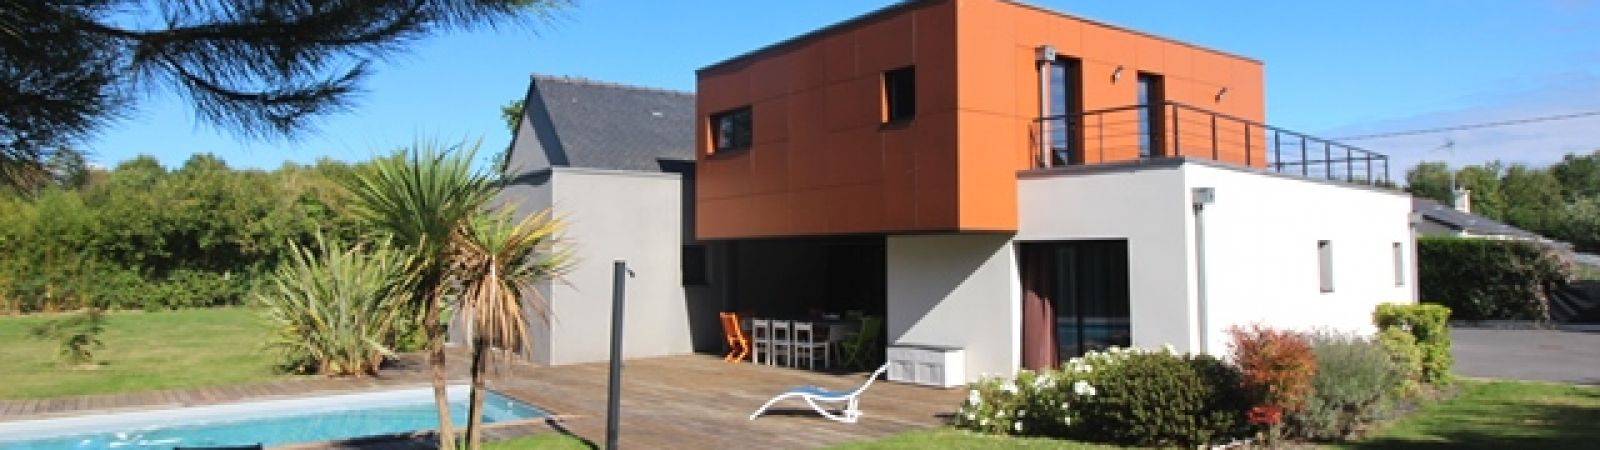 photo 1: Superbe maison d'architecte!